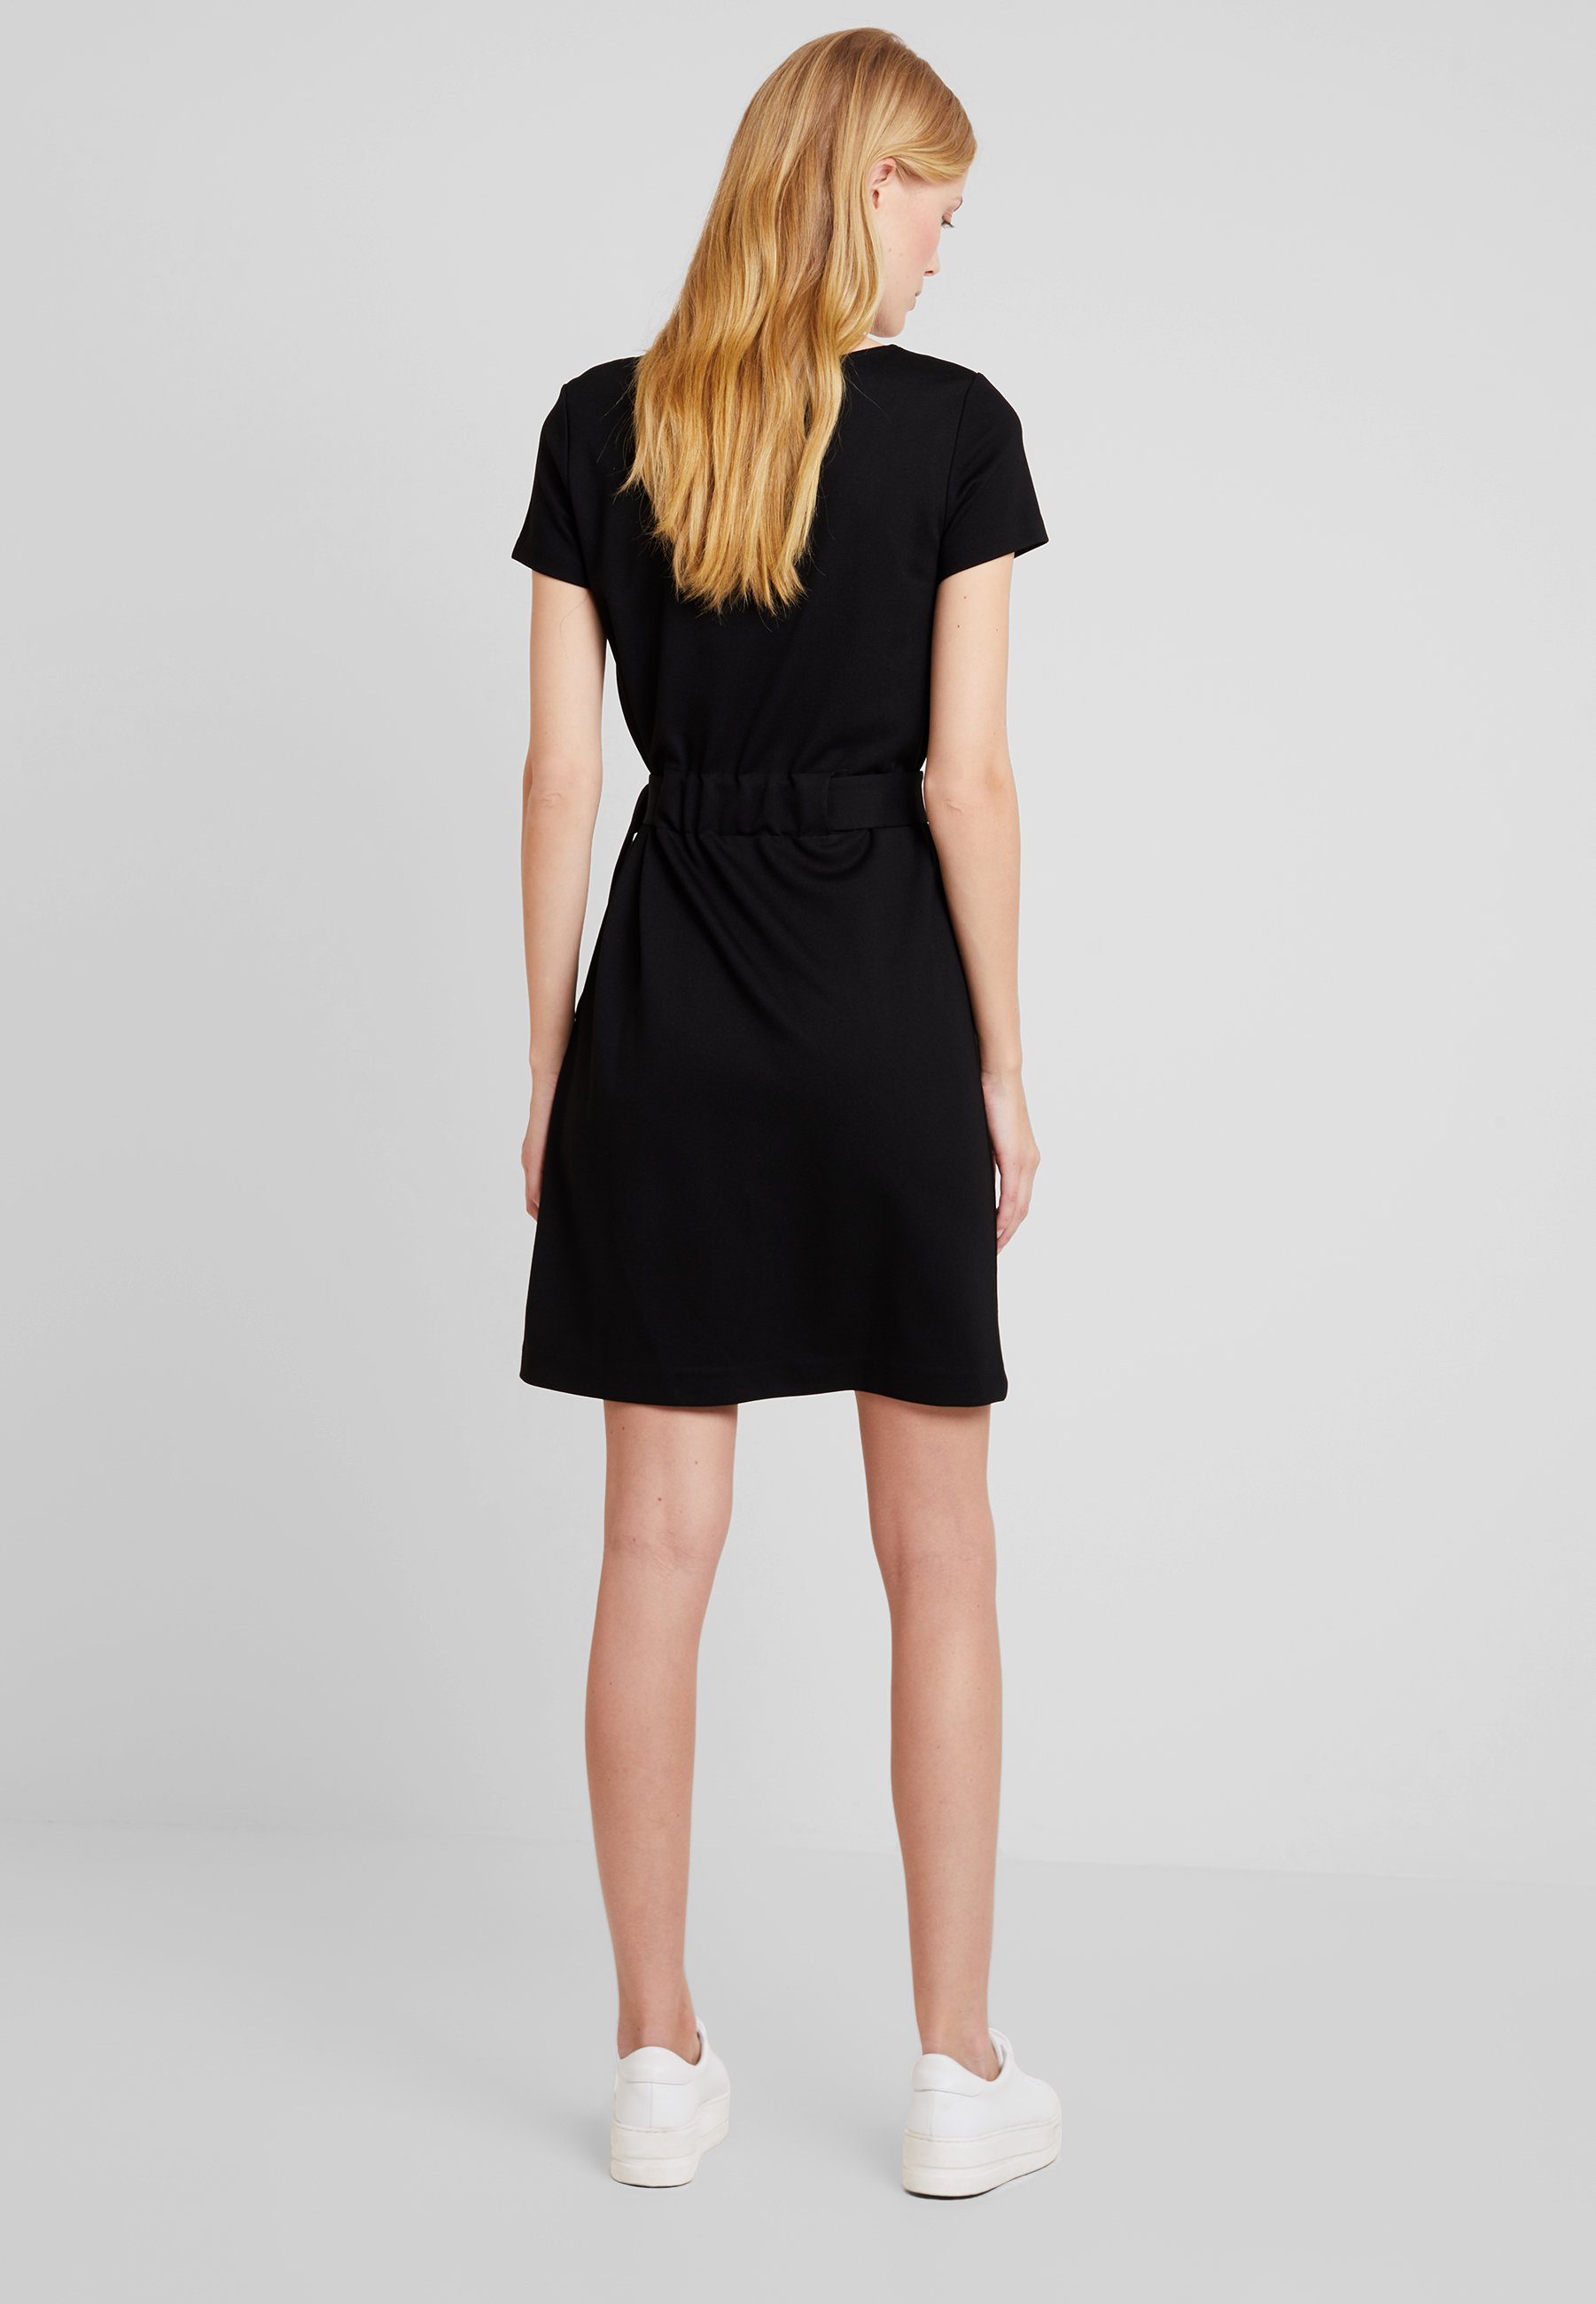 InterlockRobe Black Jersey Dress Moreamp; En CQxBerWdoE